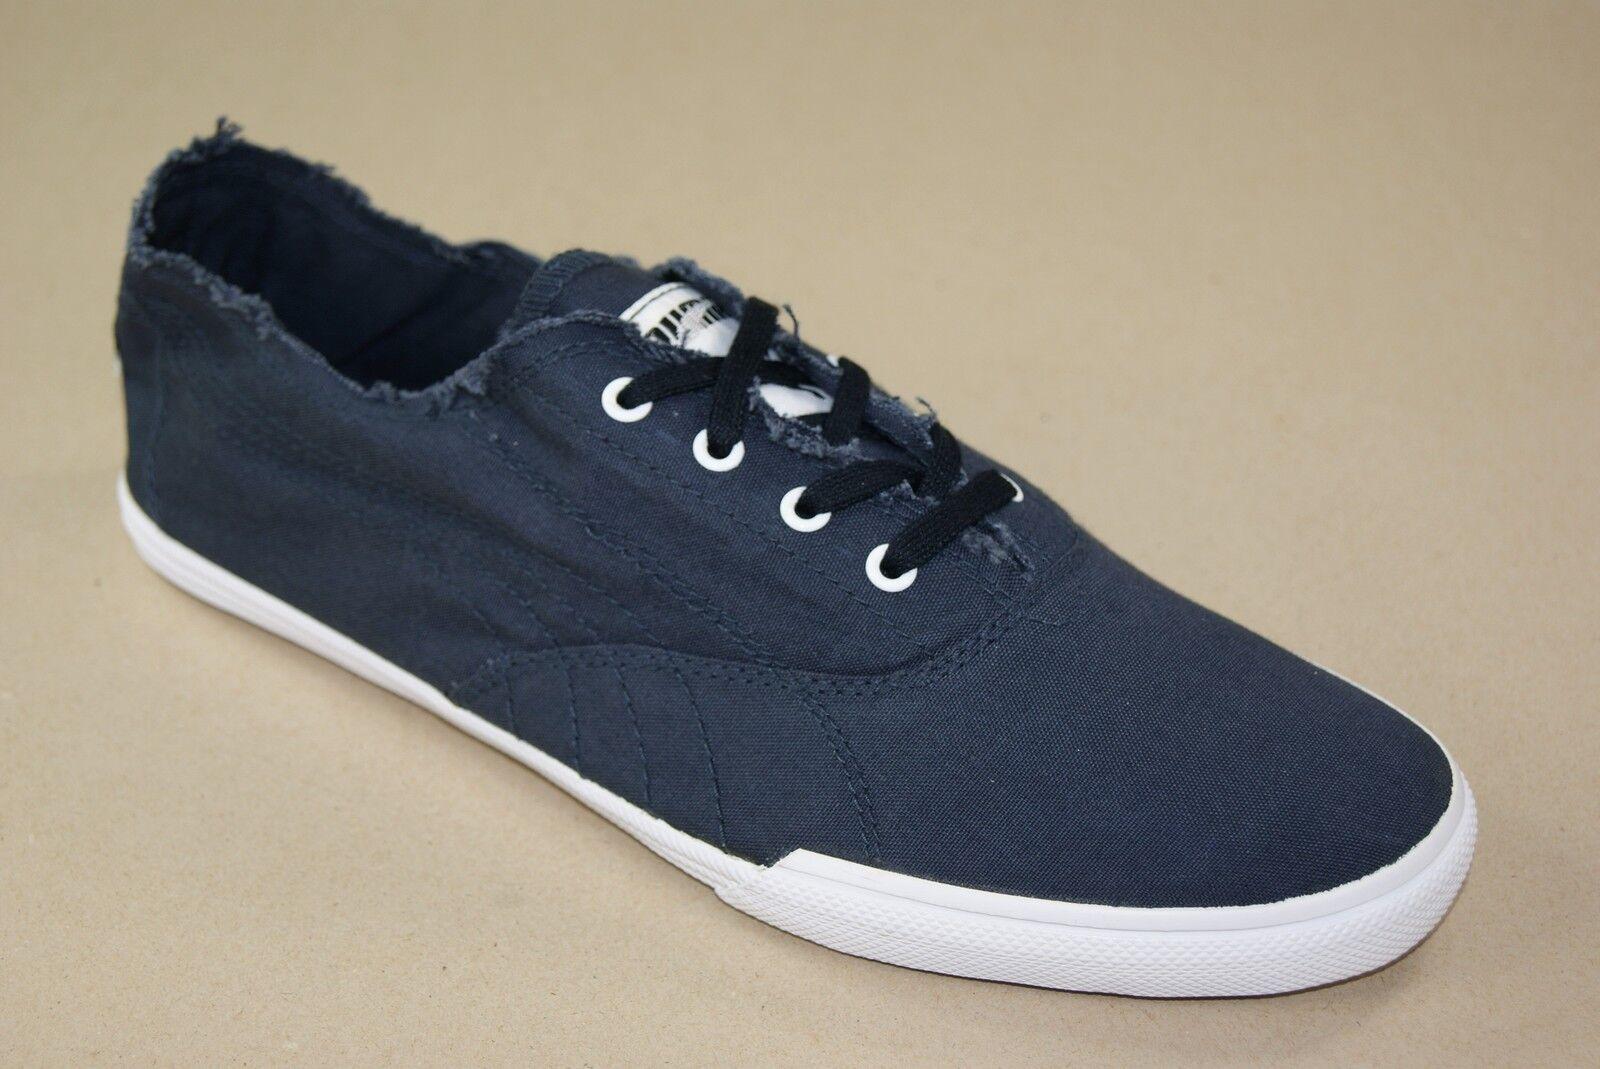 96a66129c39d0d PUMA Tekkies Jam SNEAKERS Trainers Size 36 - 46 Leisure Shoes Canvas ...